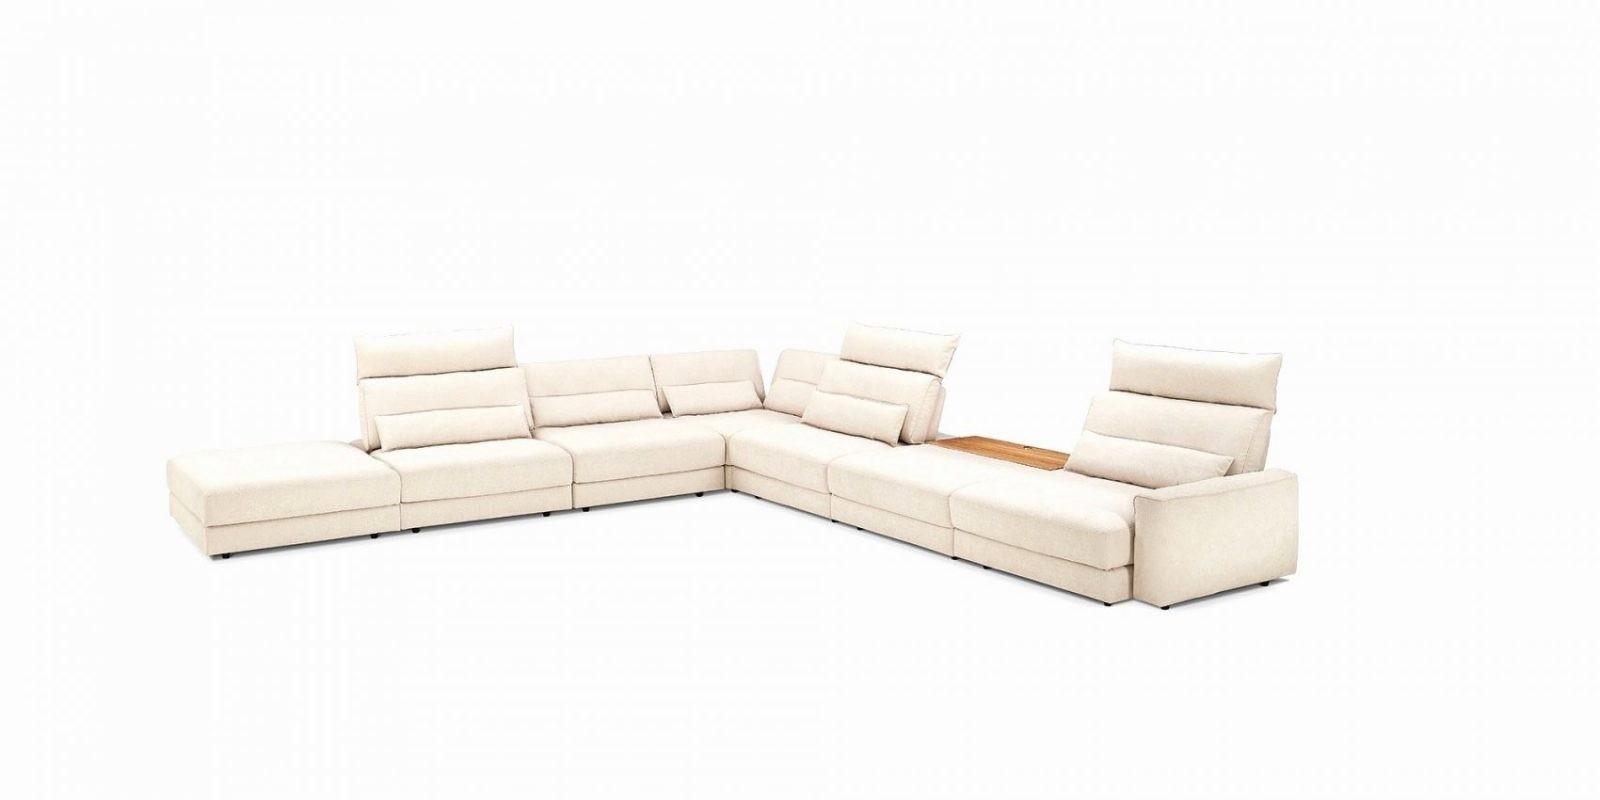 2 Sitzer Sofa Poco Beste Couch Bei Poco Beste 36 Genial Wohnzimmer von 2 Sitzer Sofa Poco Photo